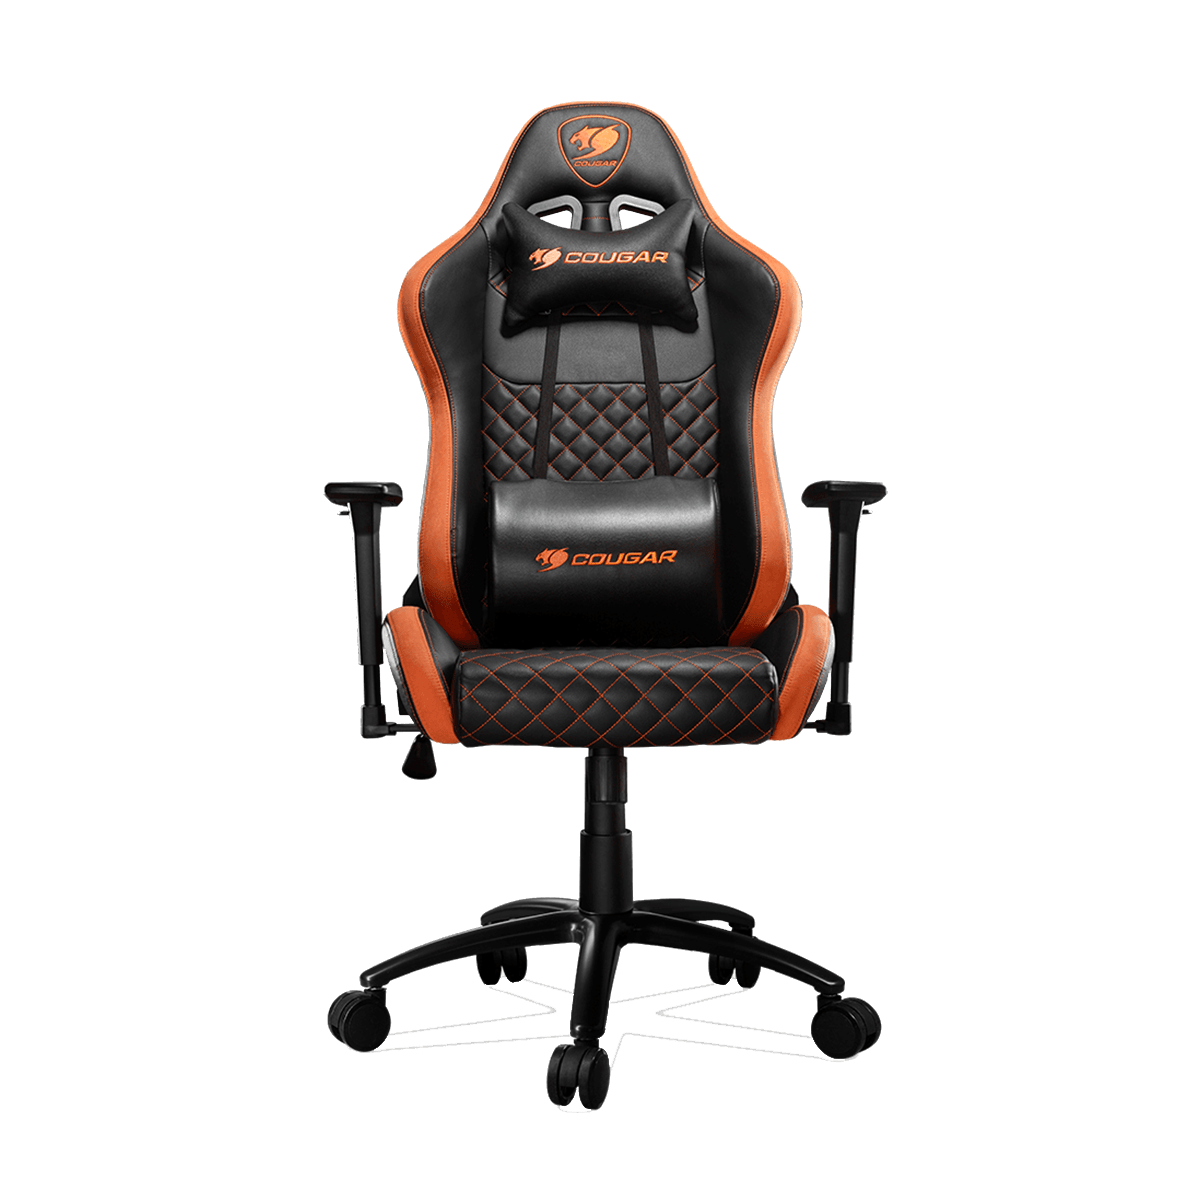 Игровое кресло Cougar, купить компьютерное кресло, кресло в ташкенте, магазин компьютерных кресел, Cougar Armor Pro